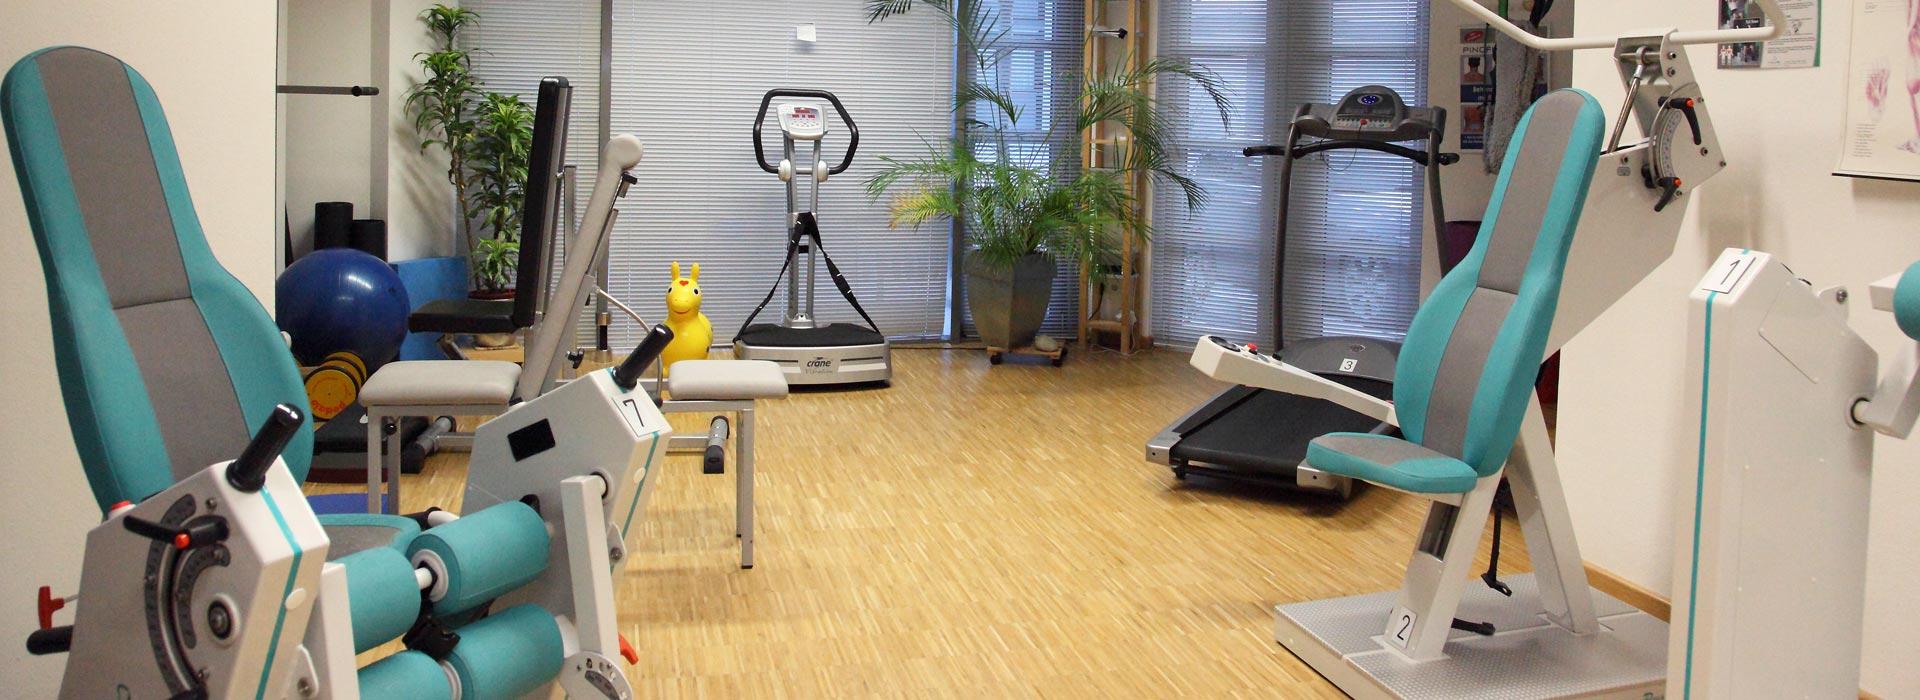 Krankengymnastik und Massagen bei Brachner in Dingolfing